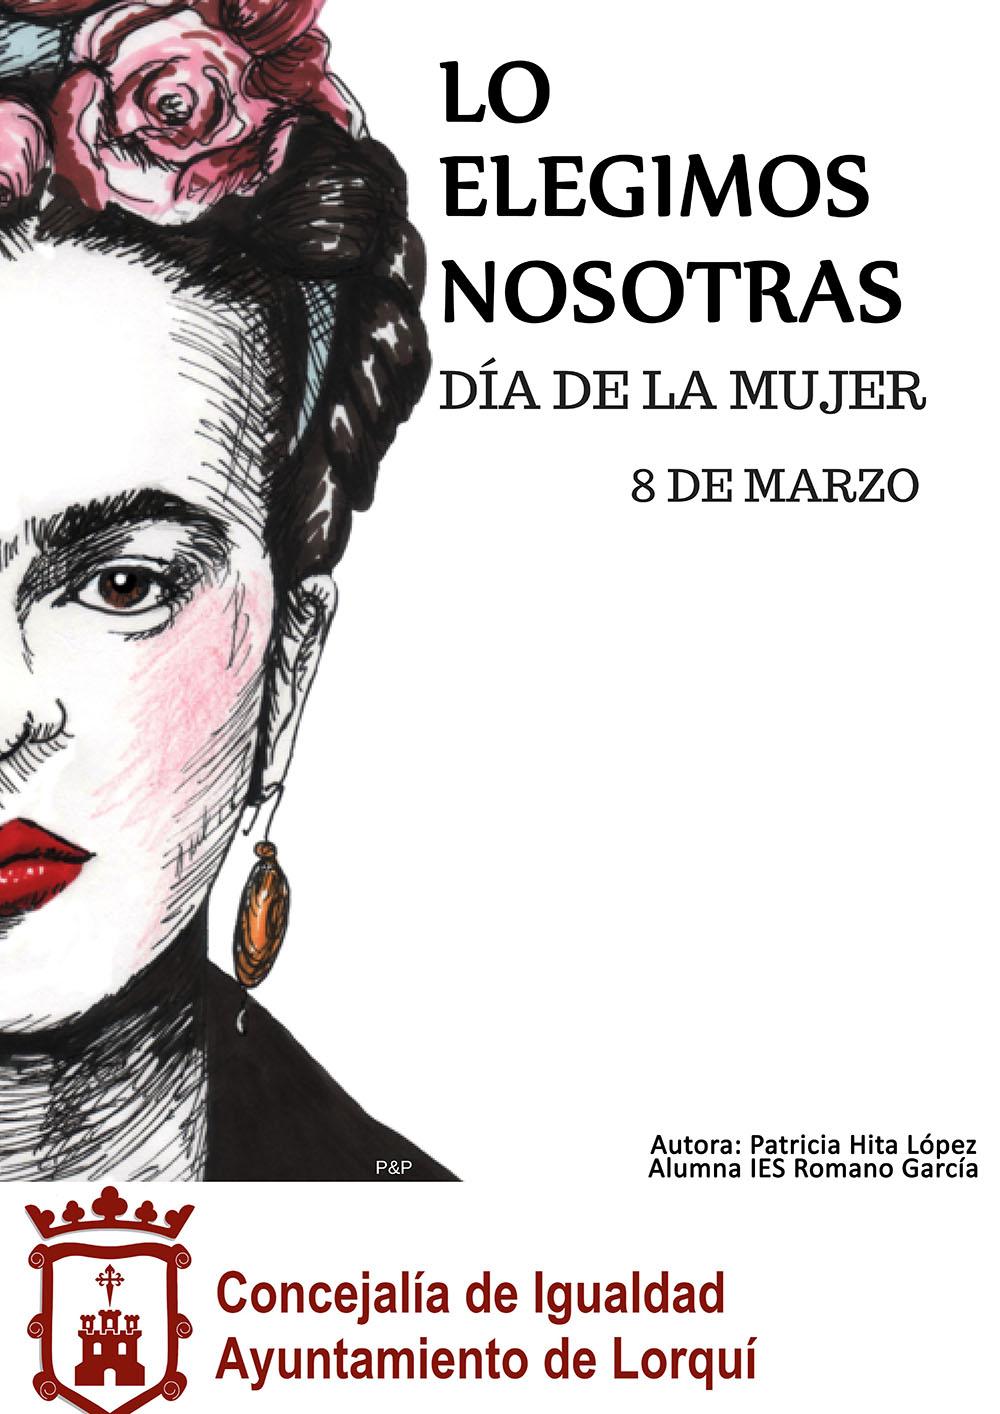 Copia de LO ELEGIMOS NOSOTROS